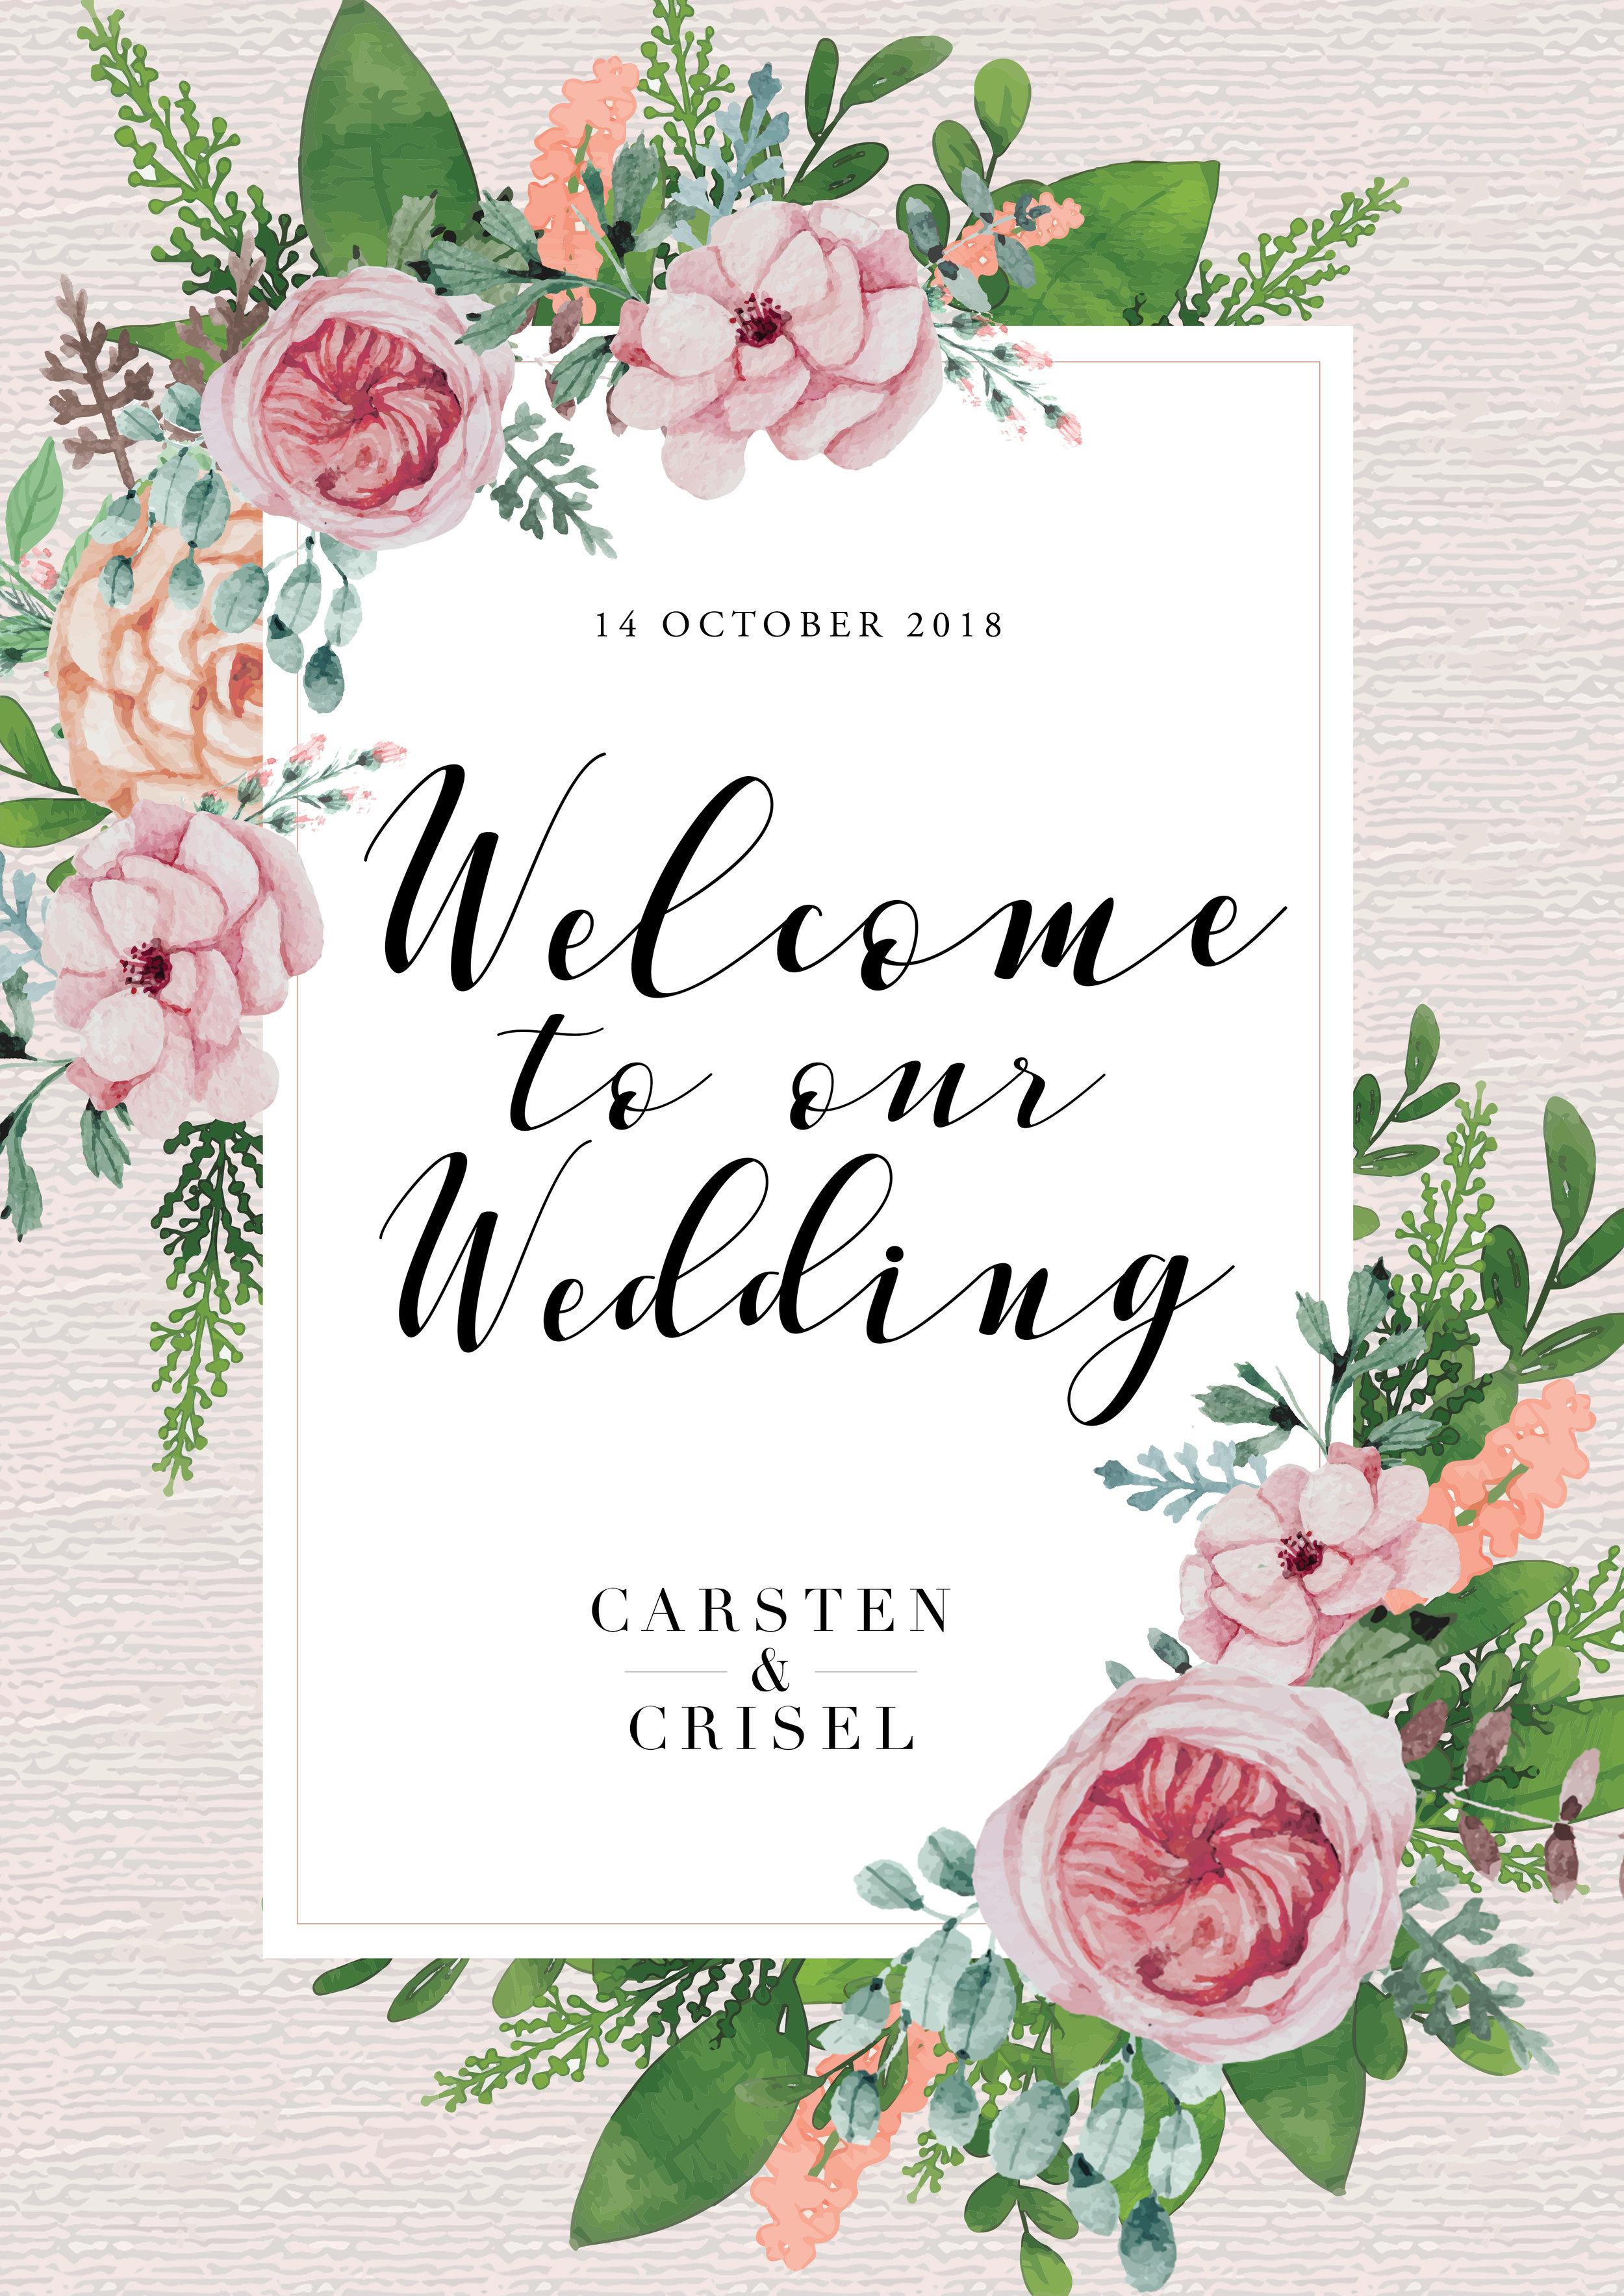 A3 Signage Wedding.jpg